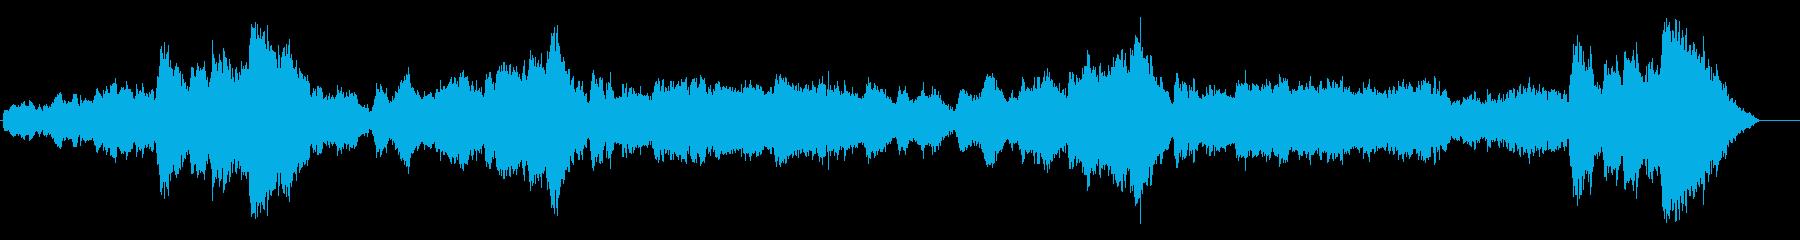 ドキュメンタリー系 断崖氷壁風サウンドの再生済みの波形